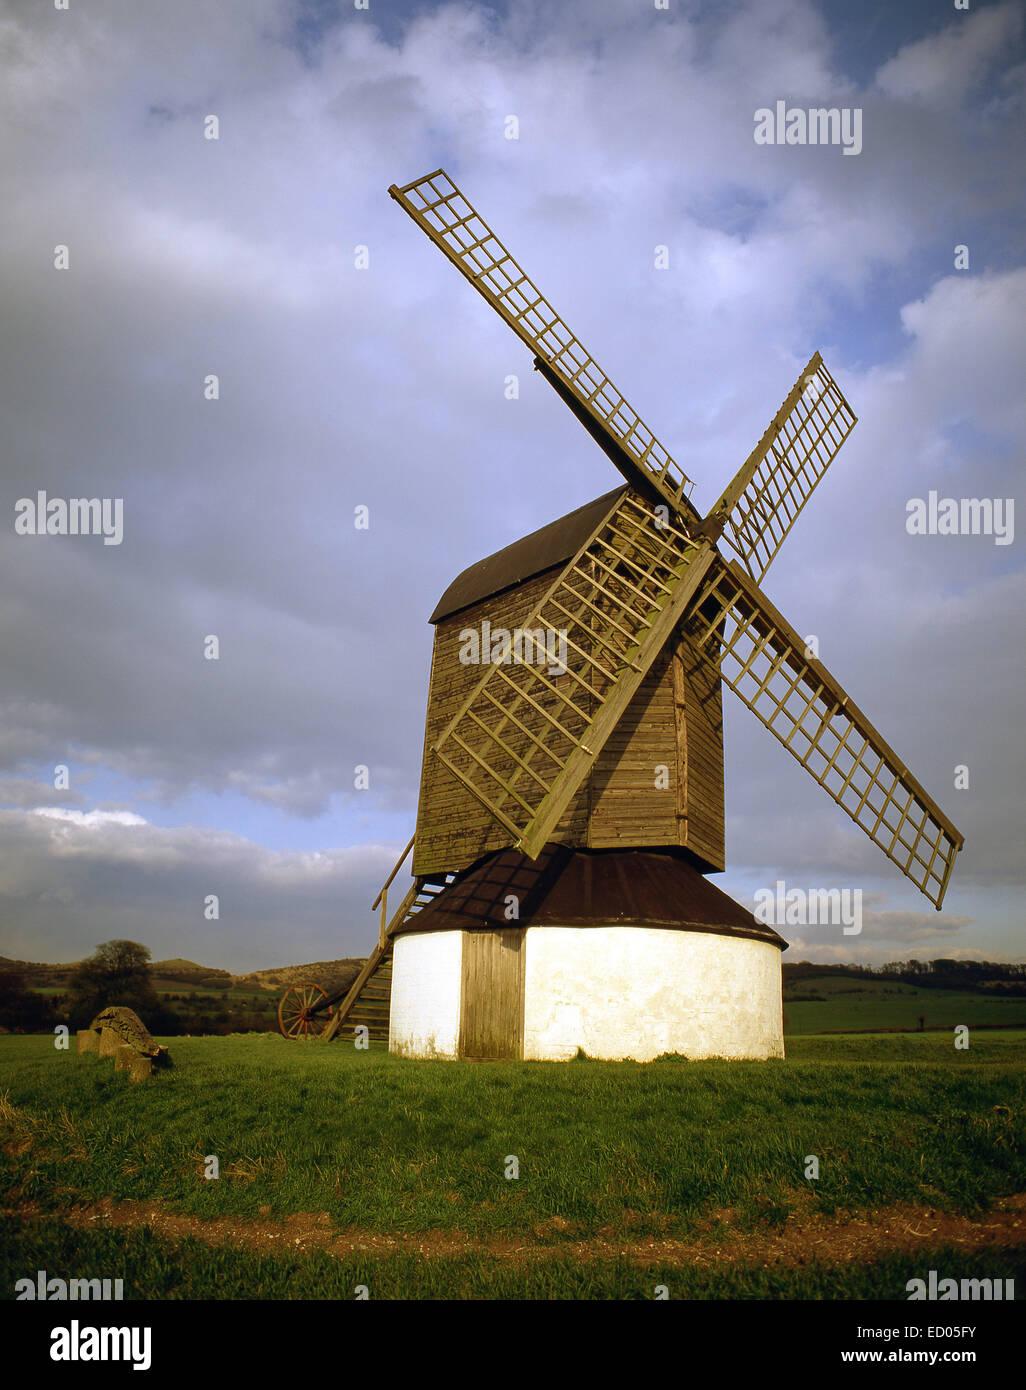 Pitstone Windmill, Pitstone, Buckinghamshire, England, United Kingdom - Stock Image